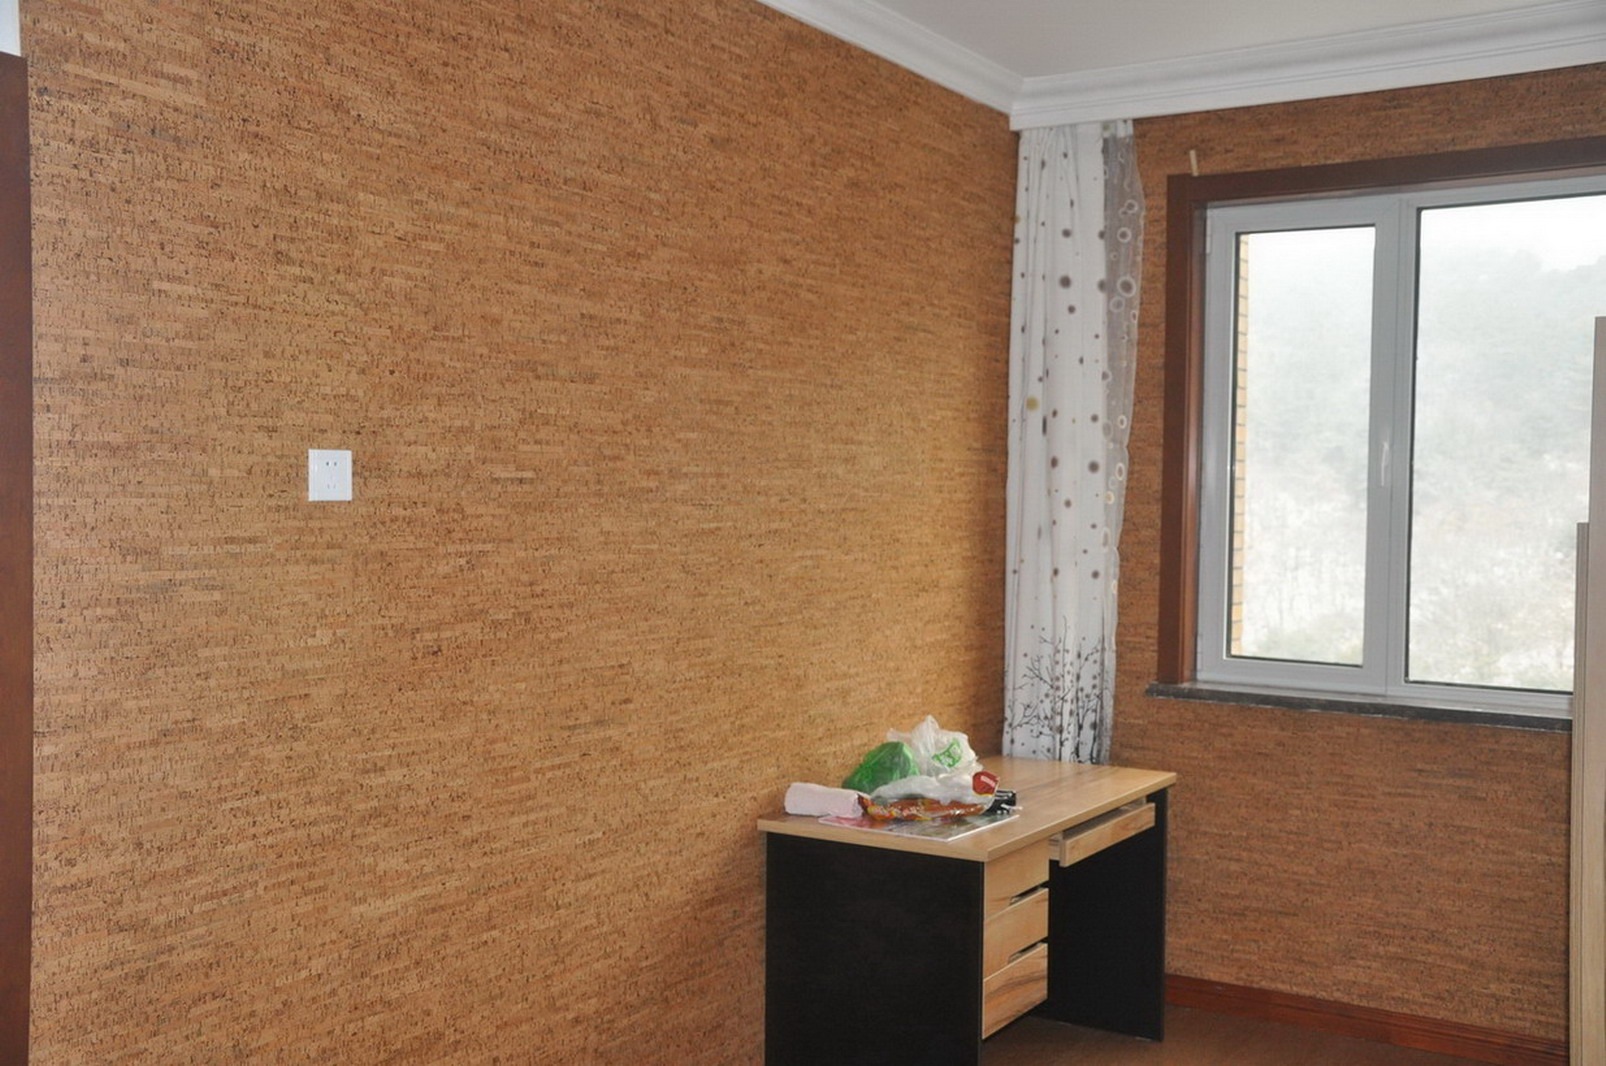 C mo instalar una pared de corcho alba iles - Corcho decorativo paredes ...